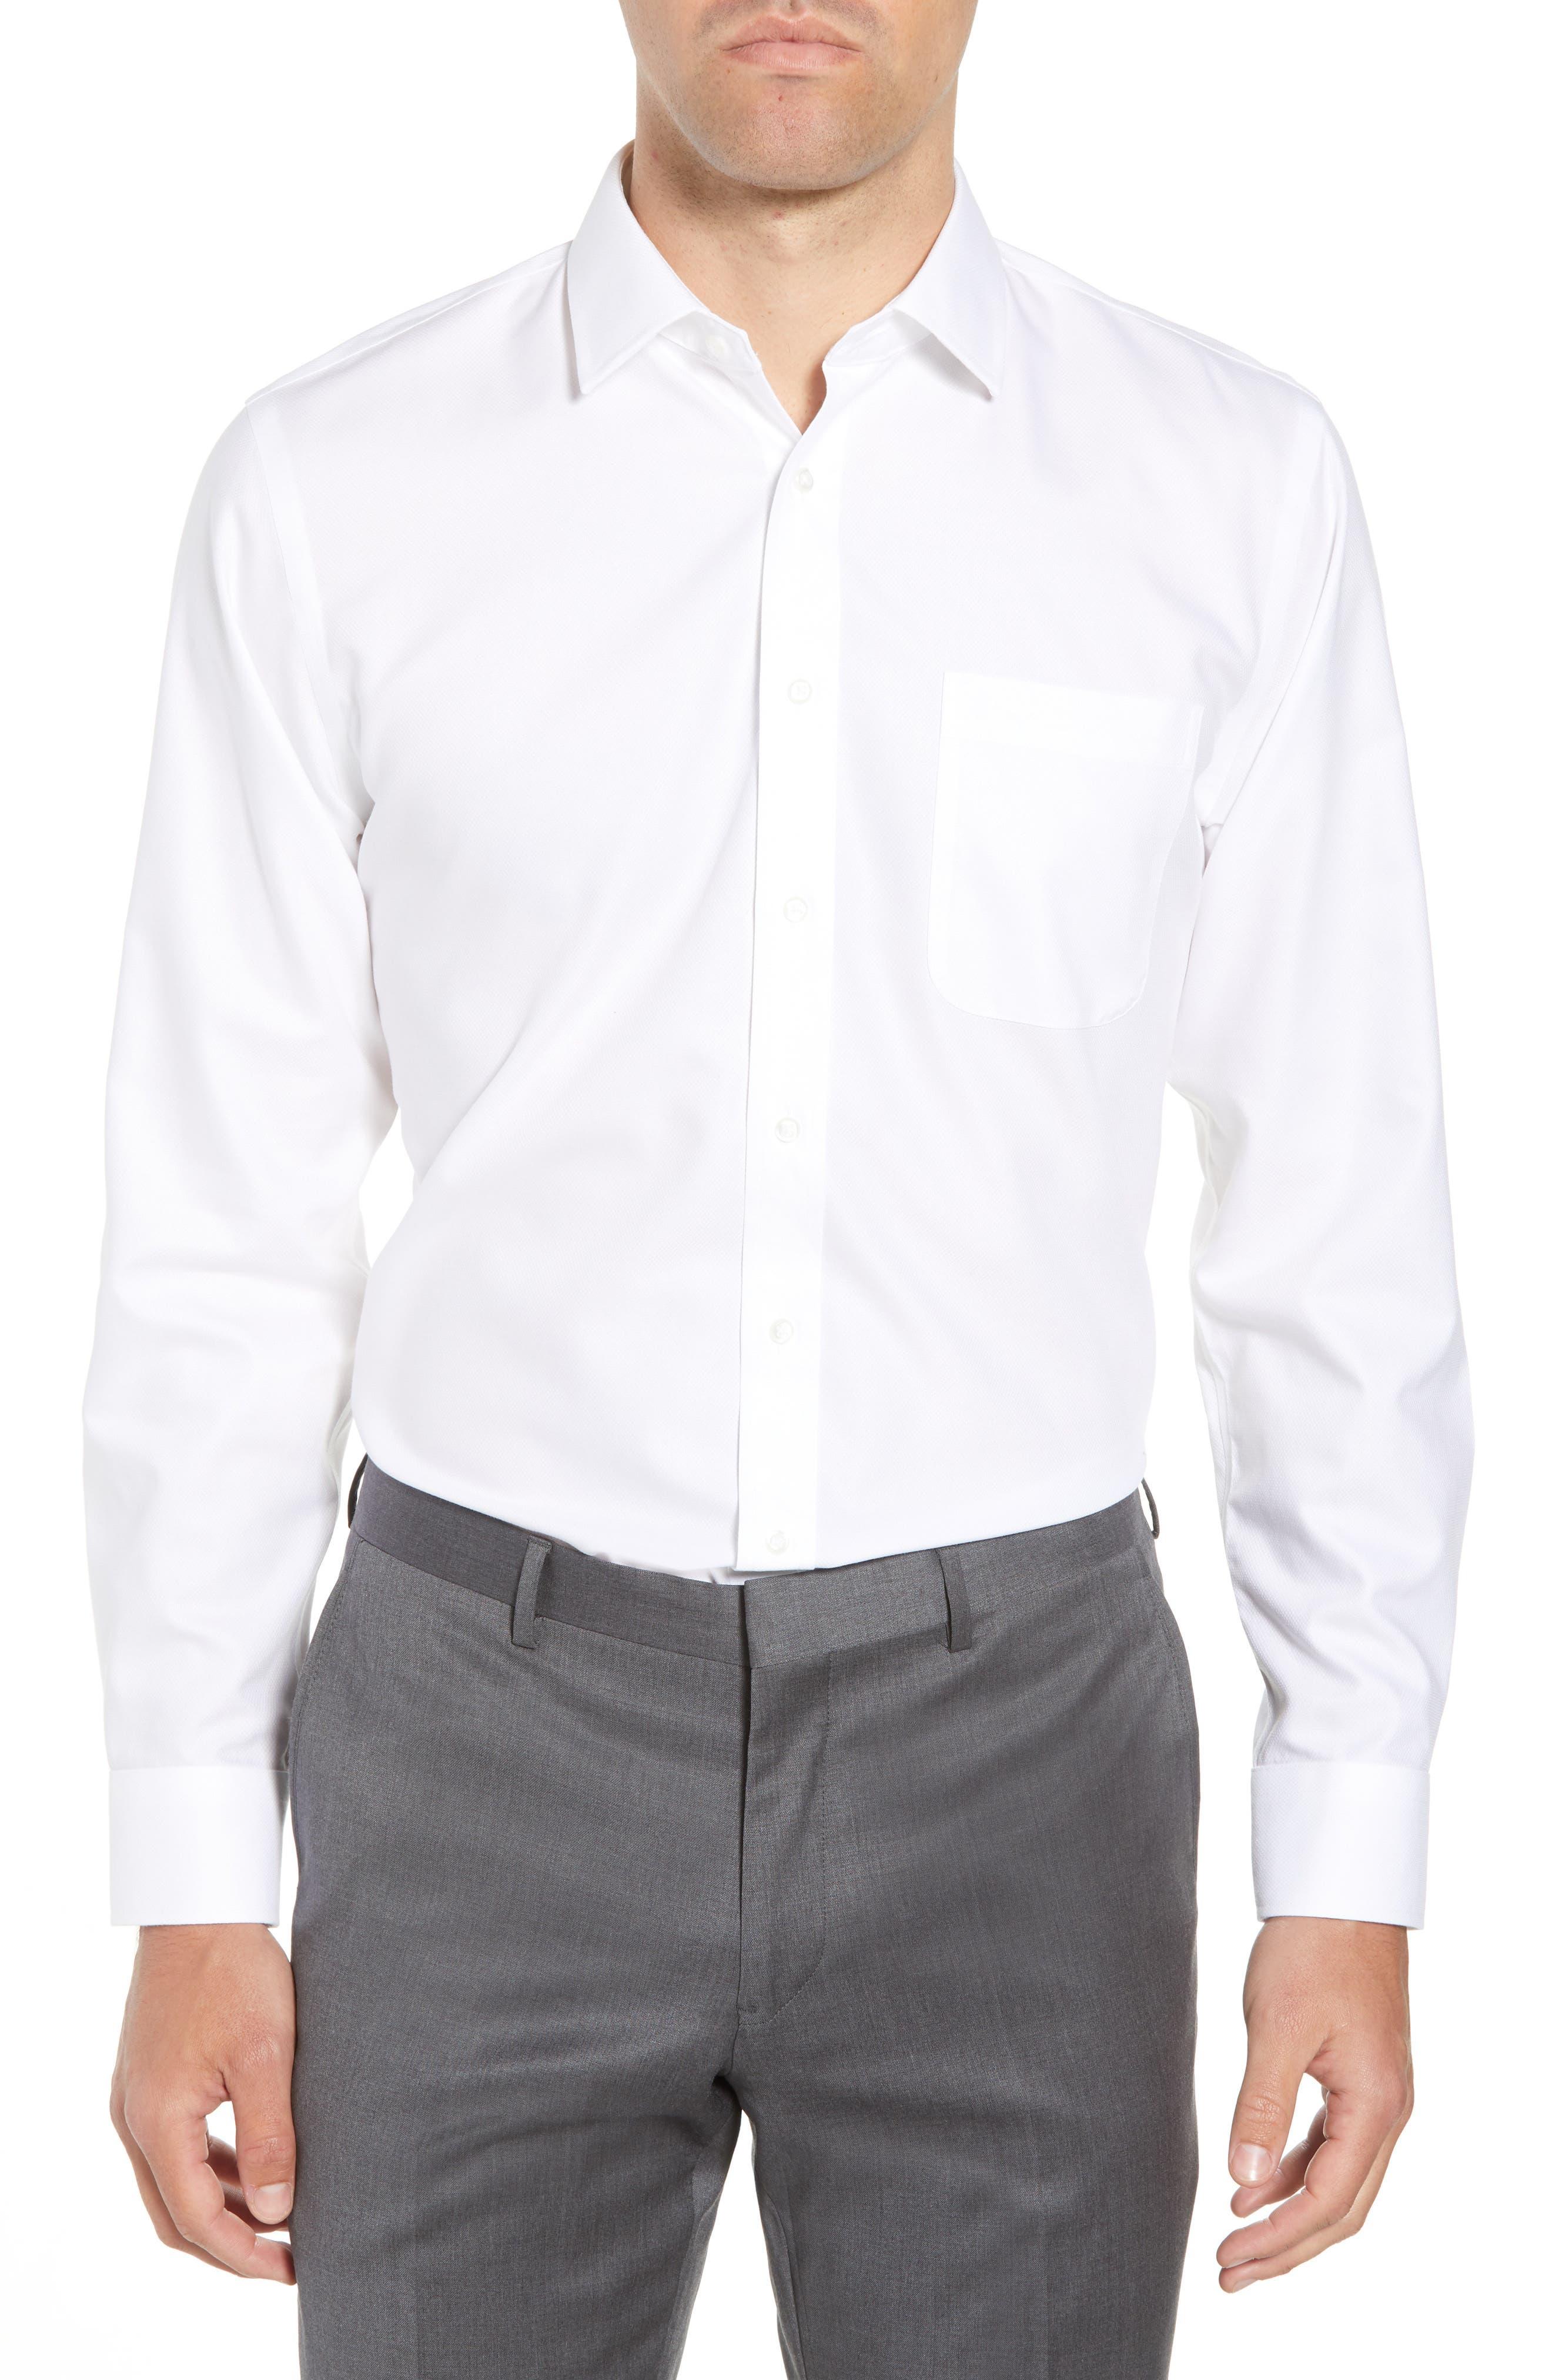 Smartcare<sup>™</sup> Trim Fit Solid Dress Shirt,                             Main thumbnail 1, color,                             100